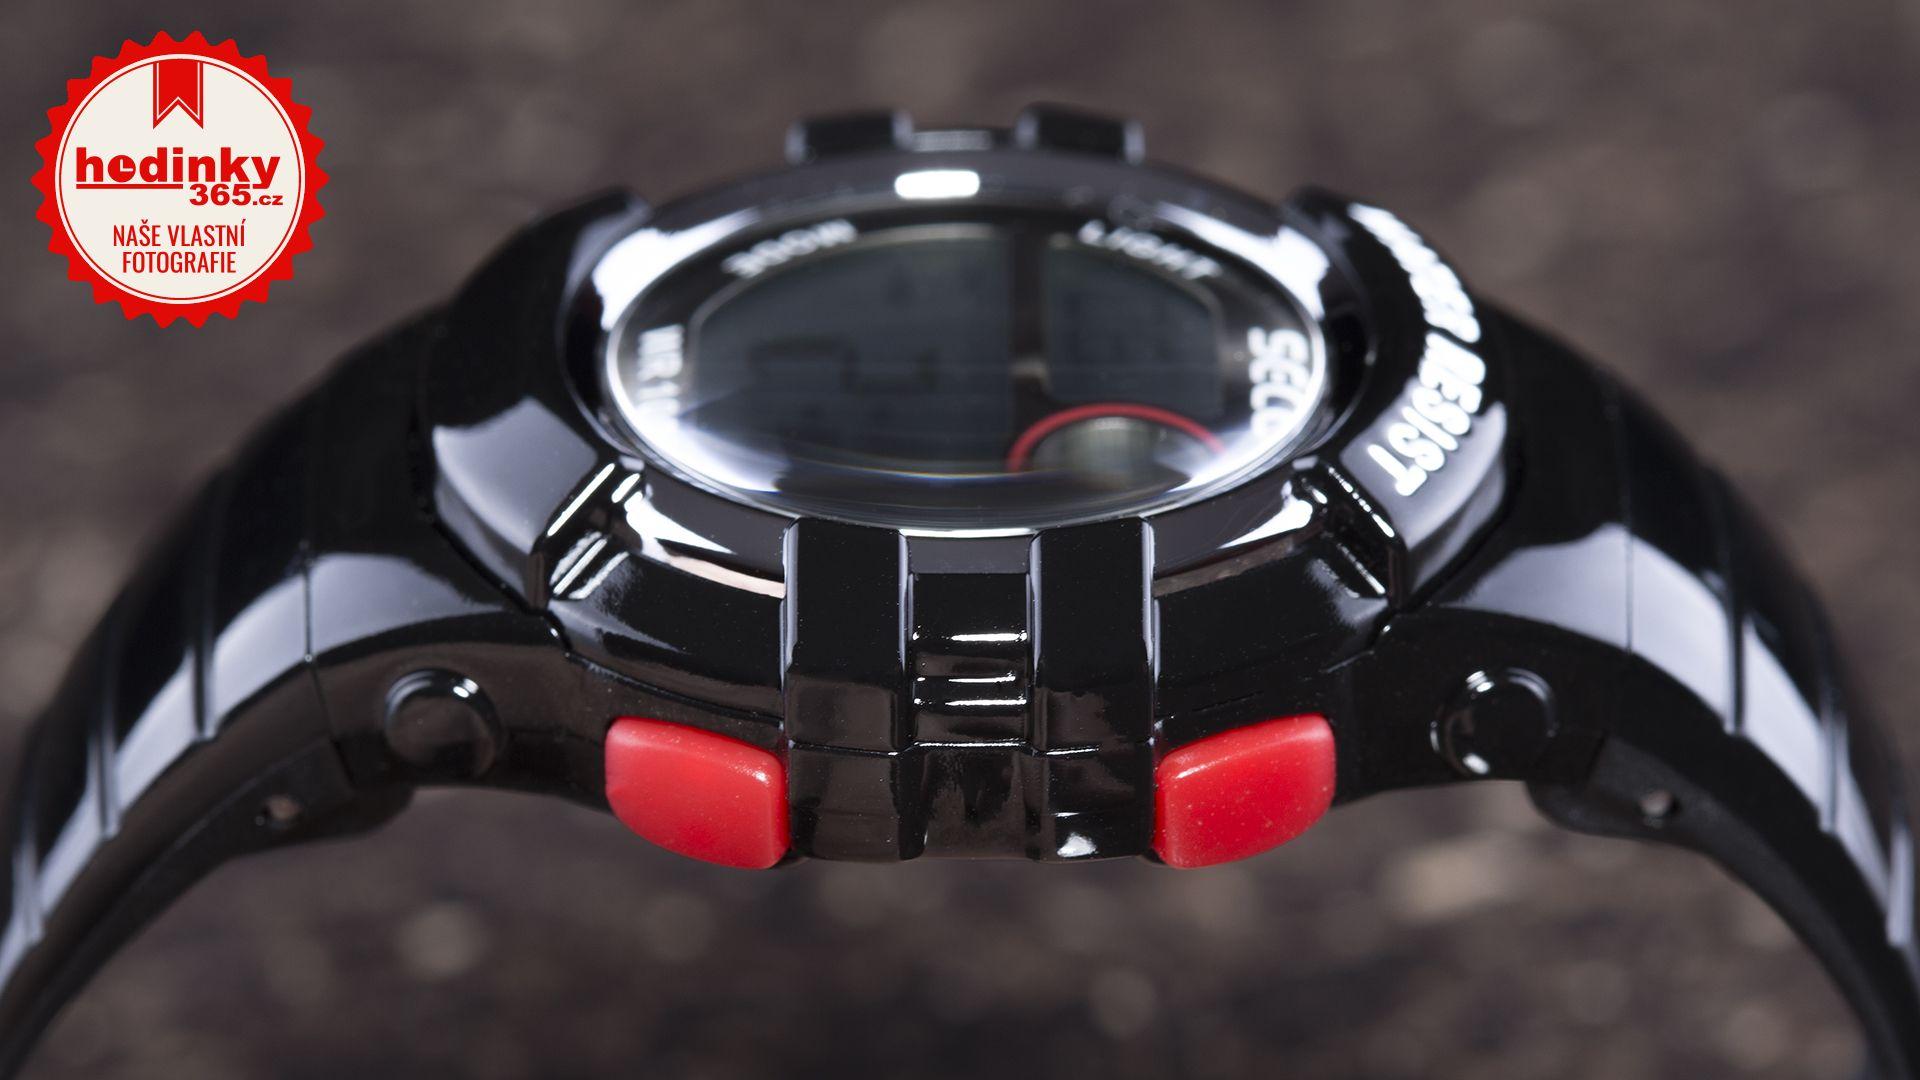 9aecf1d88 Dámske hodinky - plastový remienok, plast puzdro, plastové sklíčko. Všetky  technické parametre nájdete nižšie